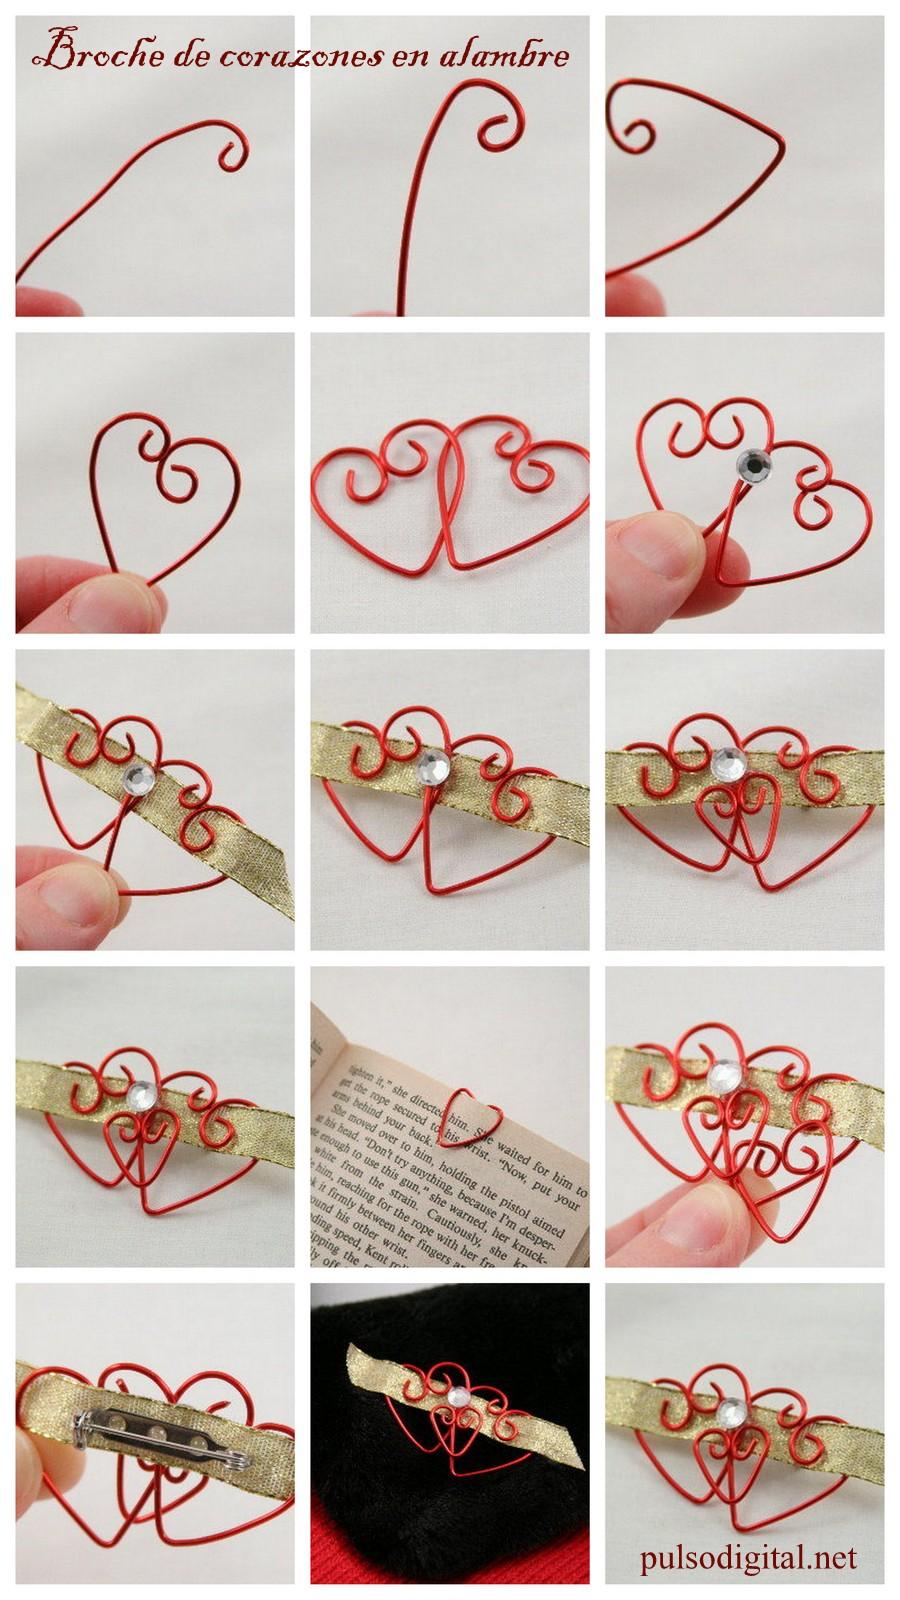 Broche de corazones en alambre